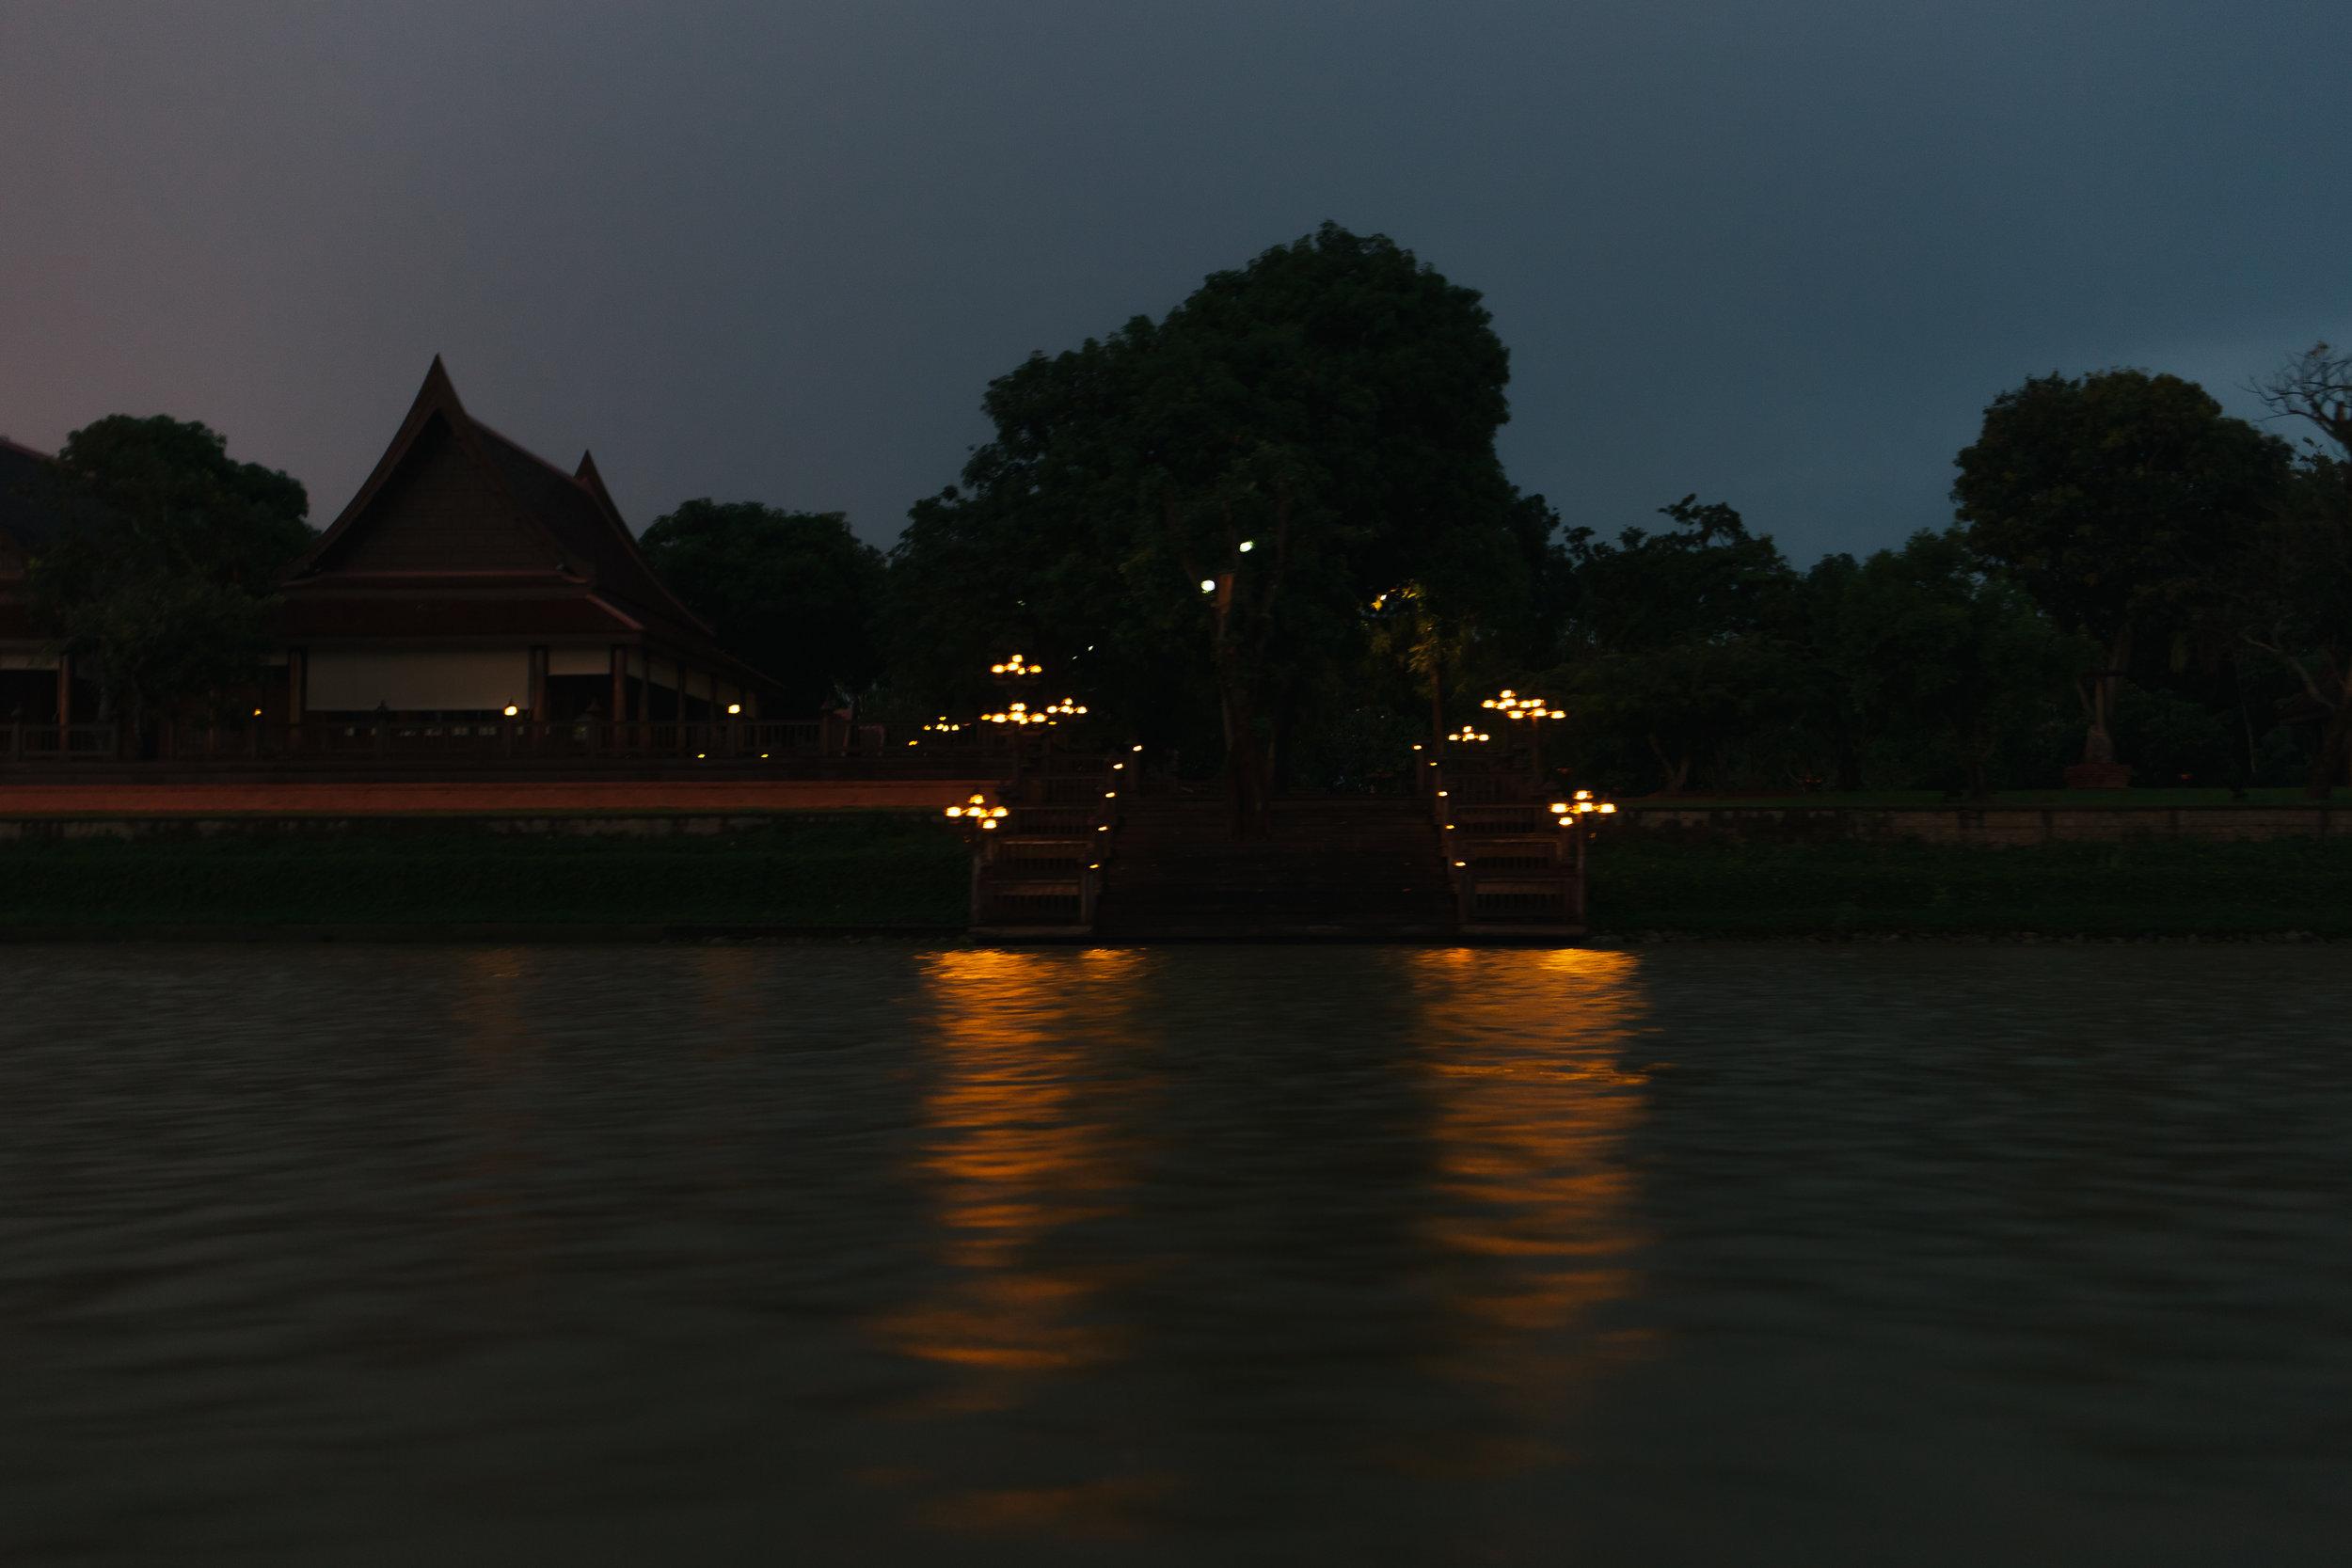 thailand_lampang_ayuthaya_train (20 of 77).jpg